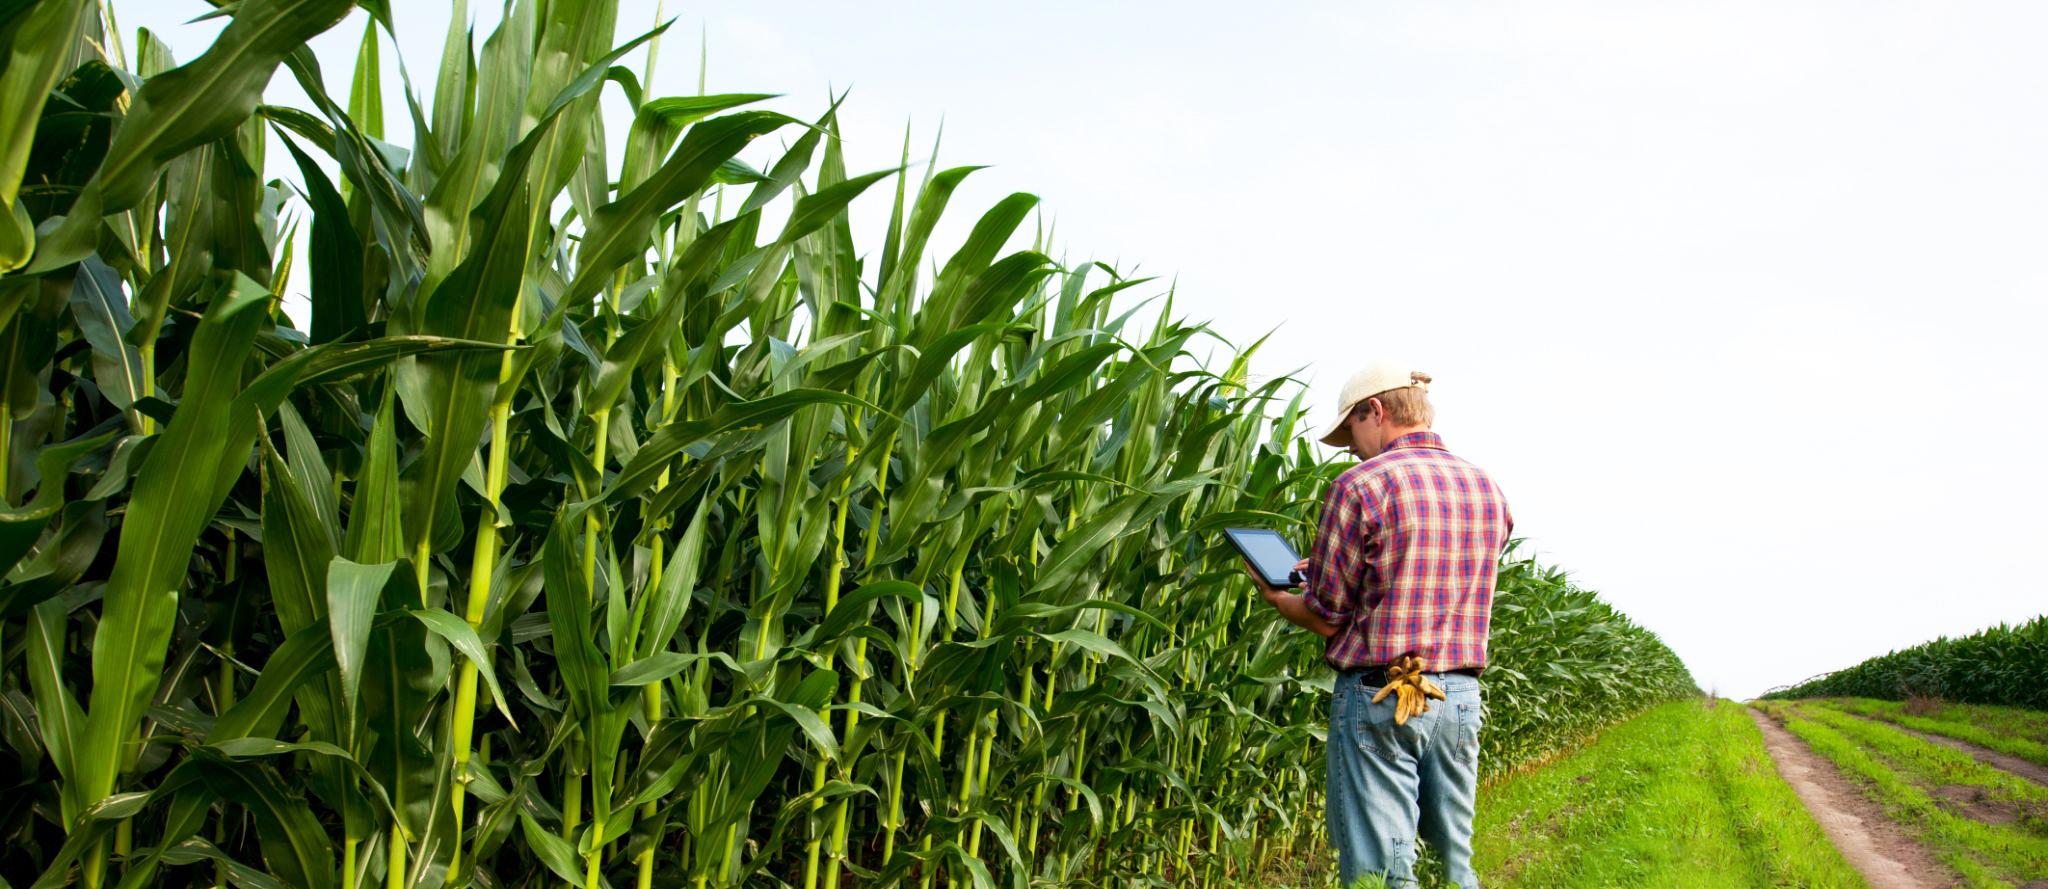 Fazenda Milho - Agro 4.0